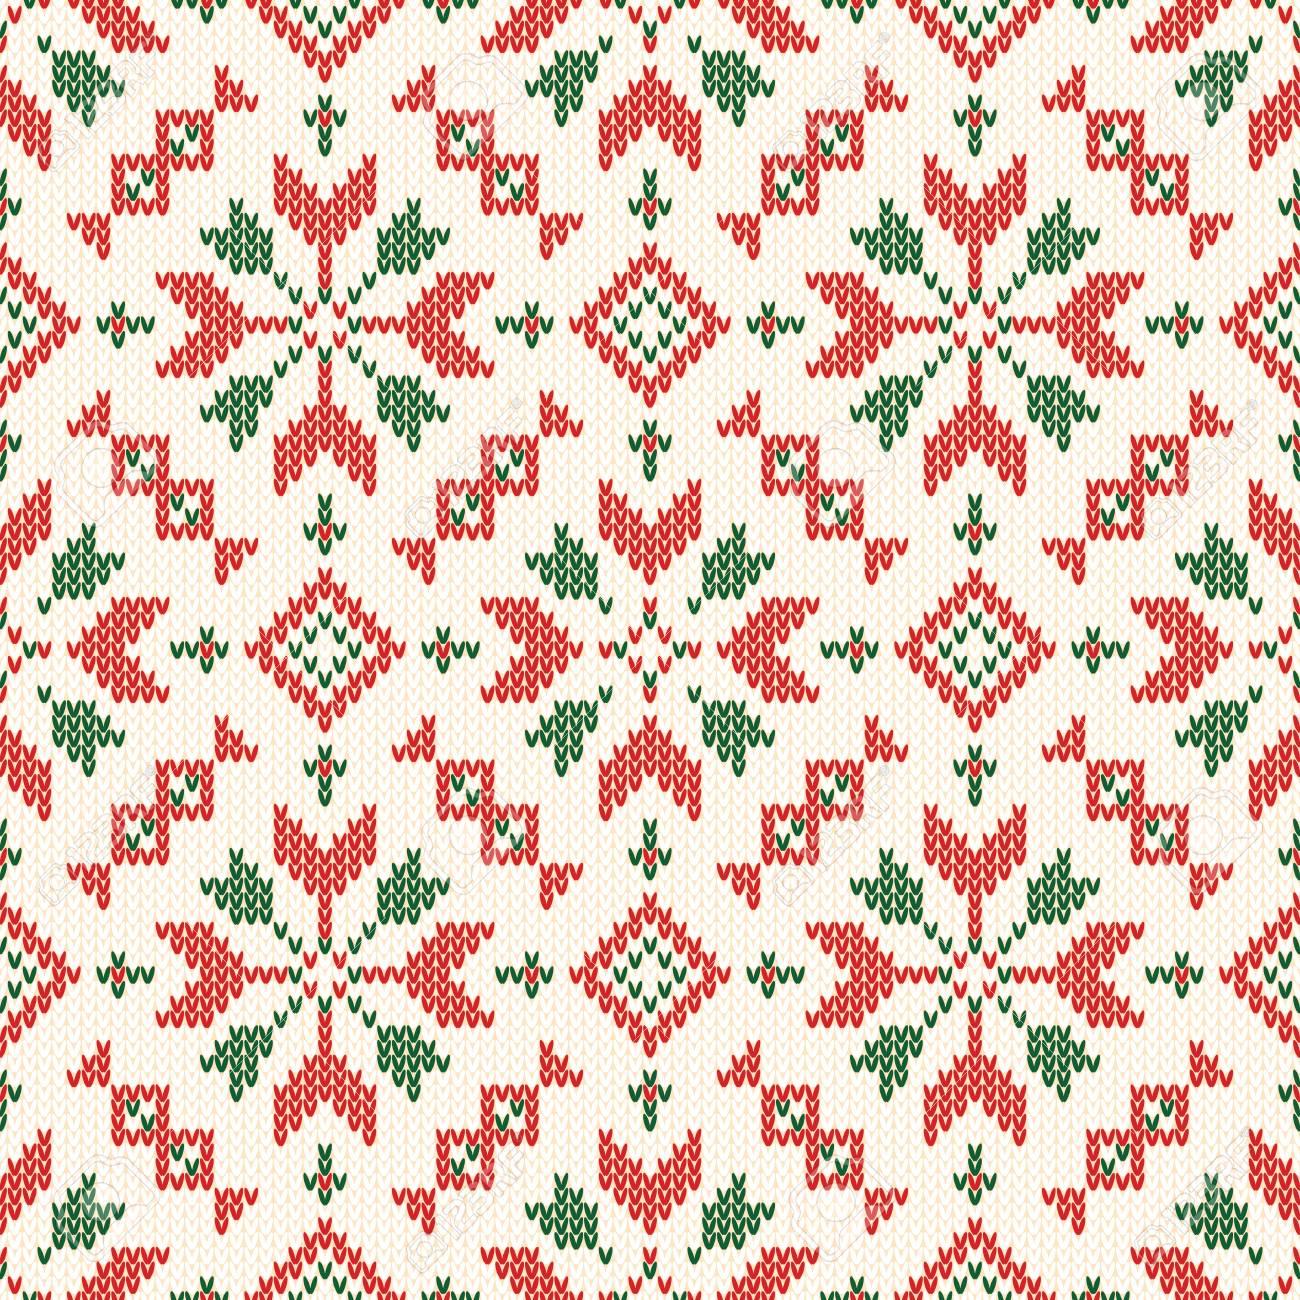 Christmas Knitted Pattern Winter Geometric Seamless Pattern